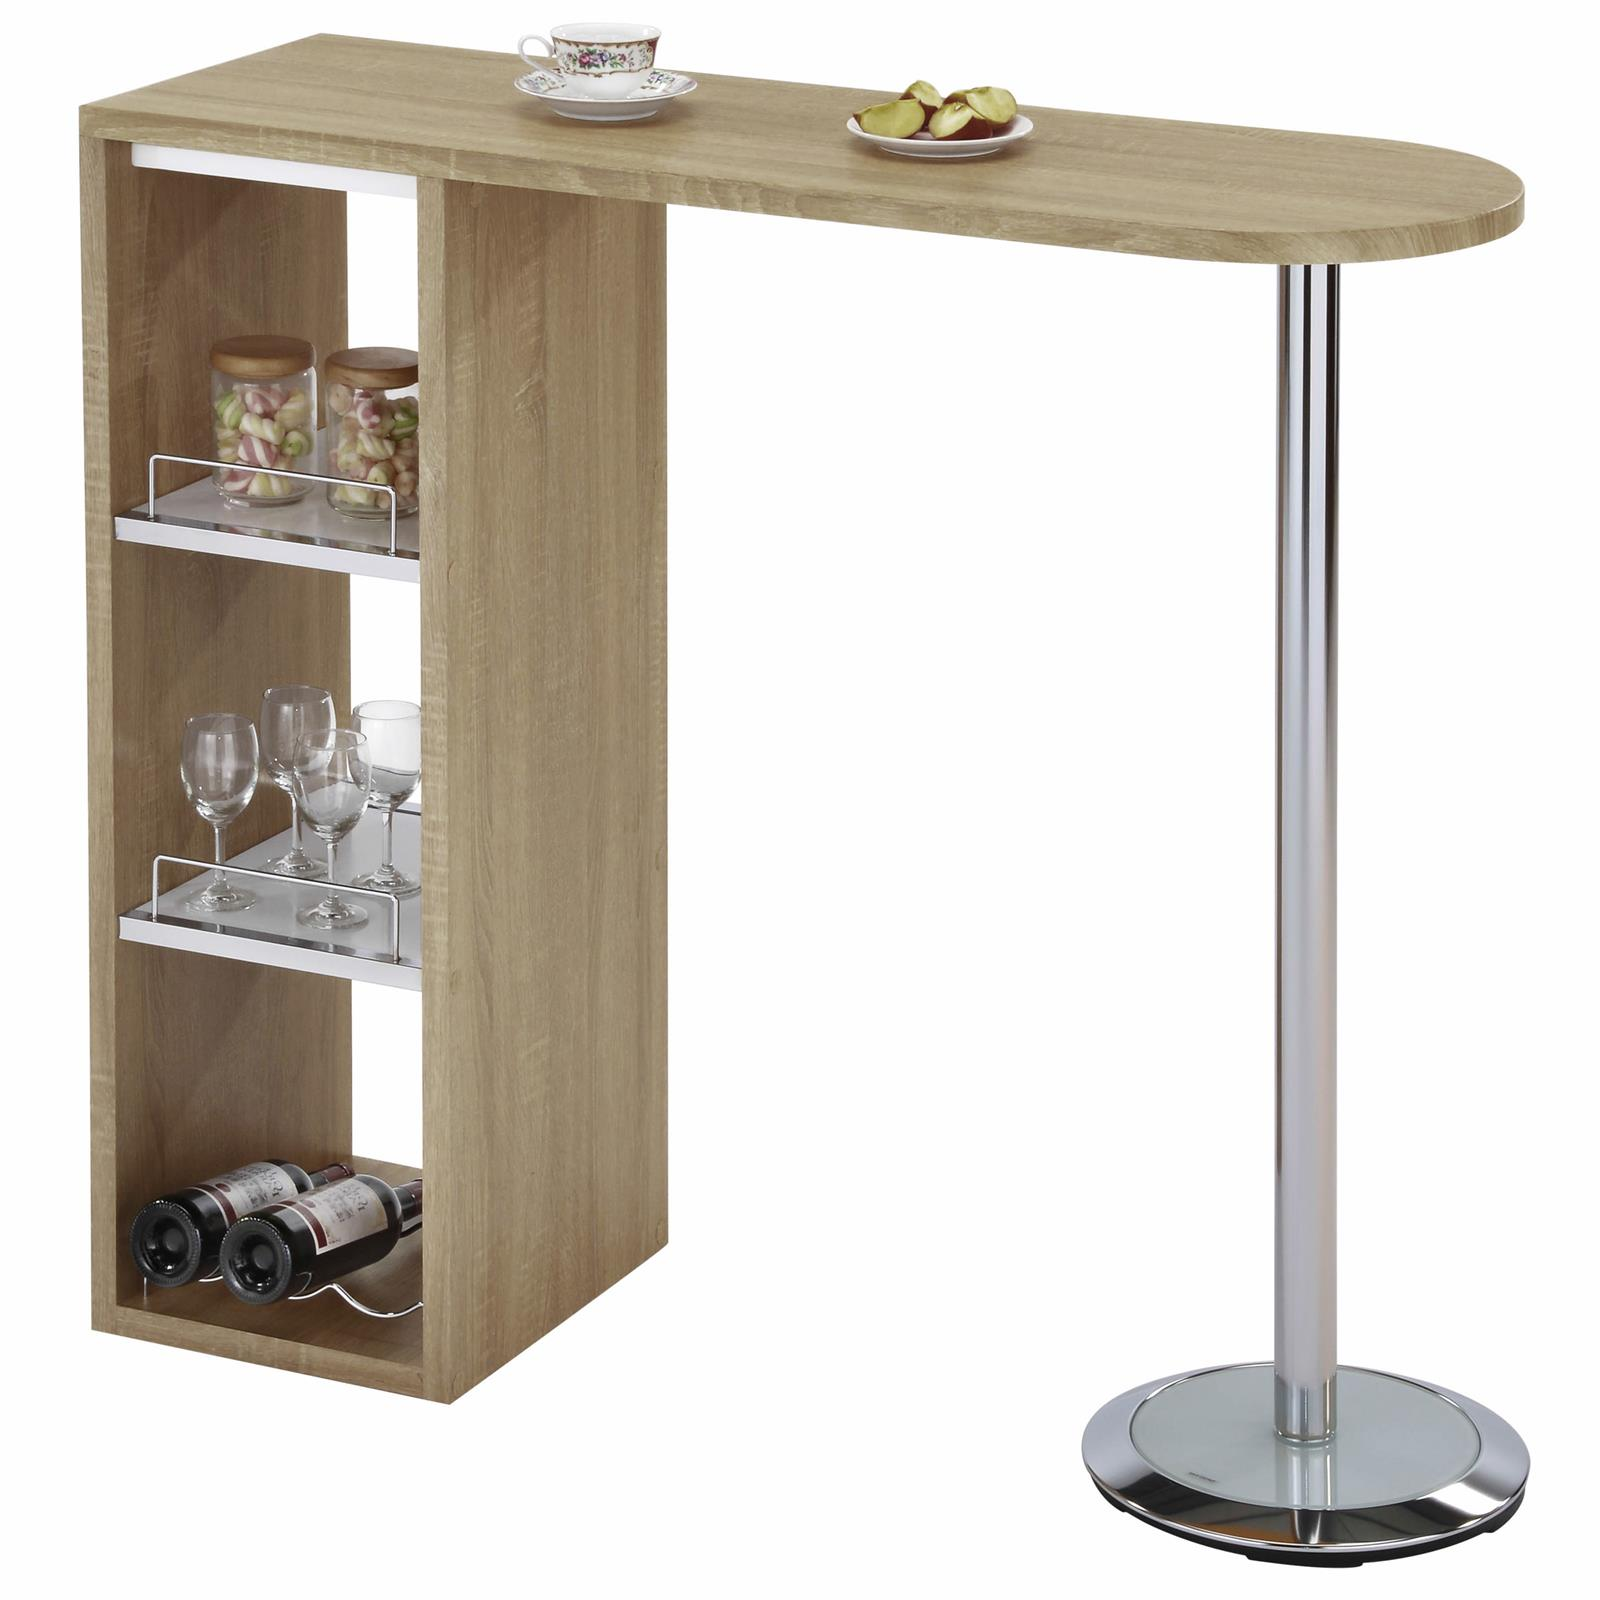 bartisch bartresen stehtisch k chentheke bistrotisch tresentisch ebay. Black Bedroom Furniture Sets. Home Design Ideas